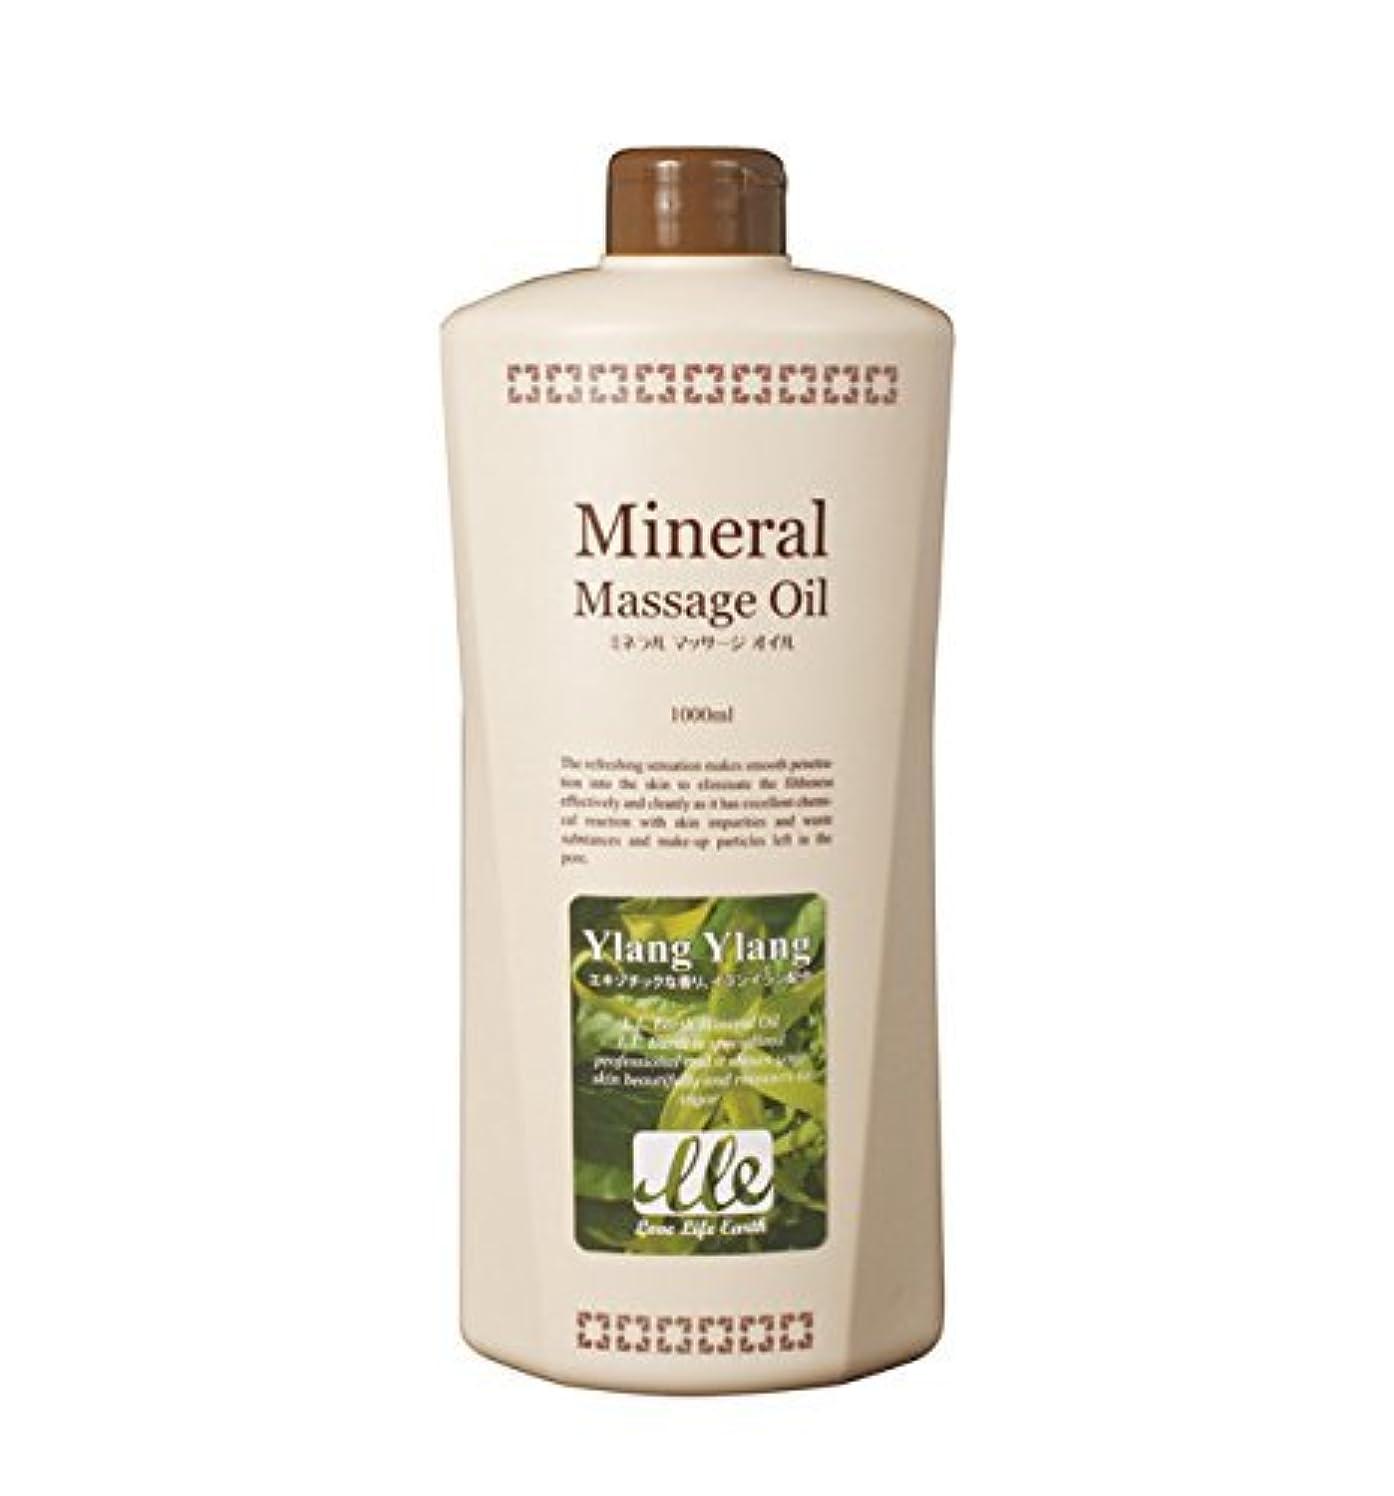 LLE 業務用 ミネラル マッサージオイル [香り5種] (ボディ用) イランイラン1L